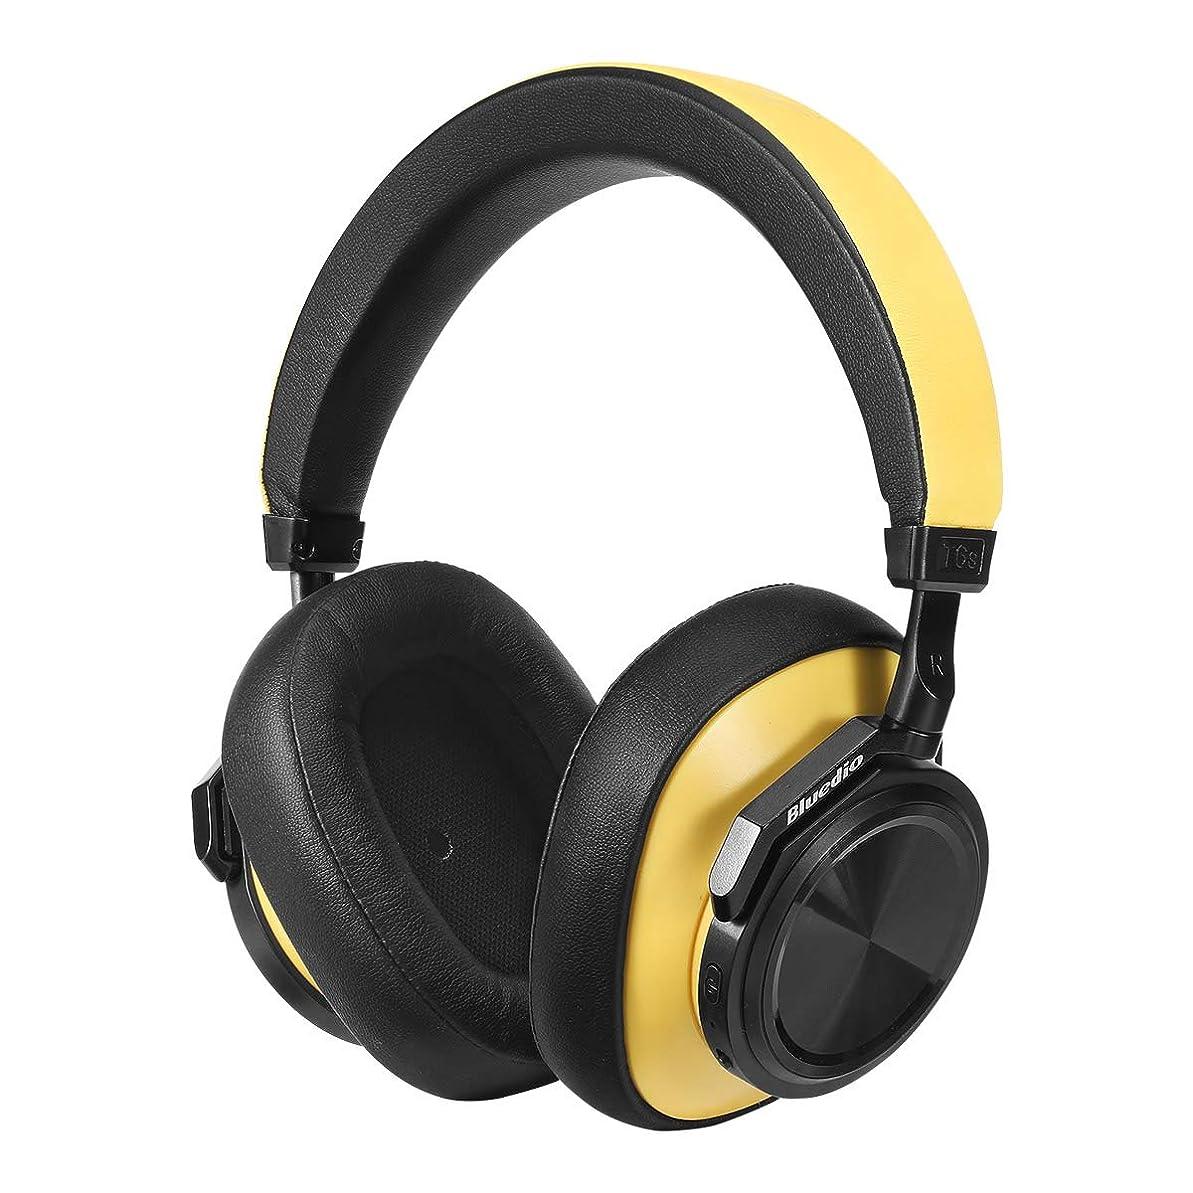 アクセスいま事故Bluedio T6S (Turbine) Bluetooth 5.0 ヘッドホン ノイズキャンセリング 密閉型 高音質 内蔵マイク 32時間再生可能 ハンズフリー通話 ブルートゥース ヘッドフォン (イエロー)